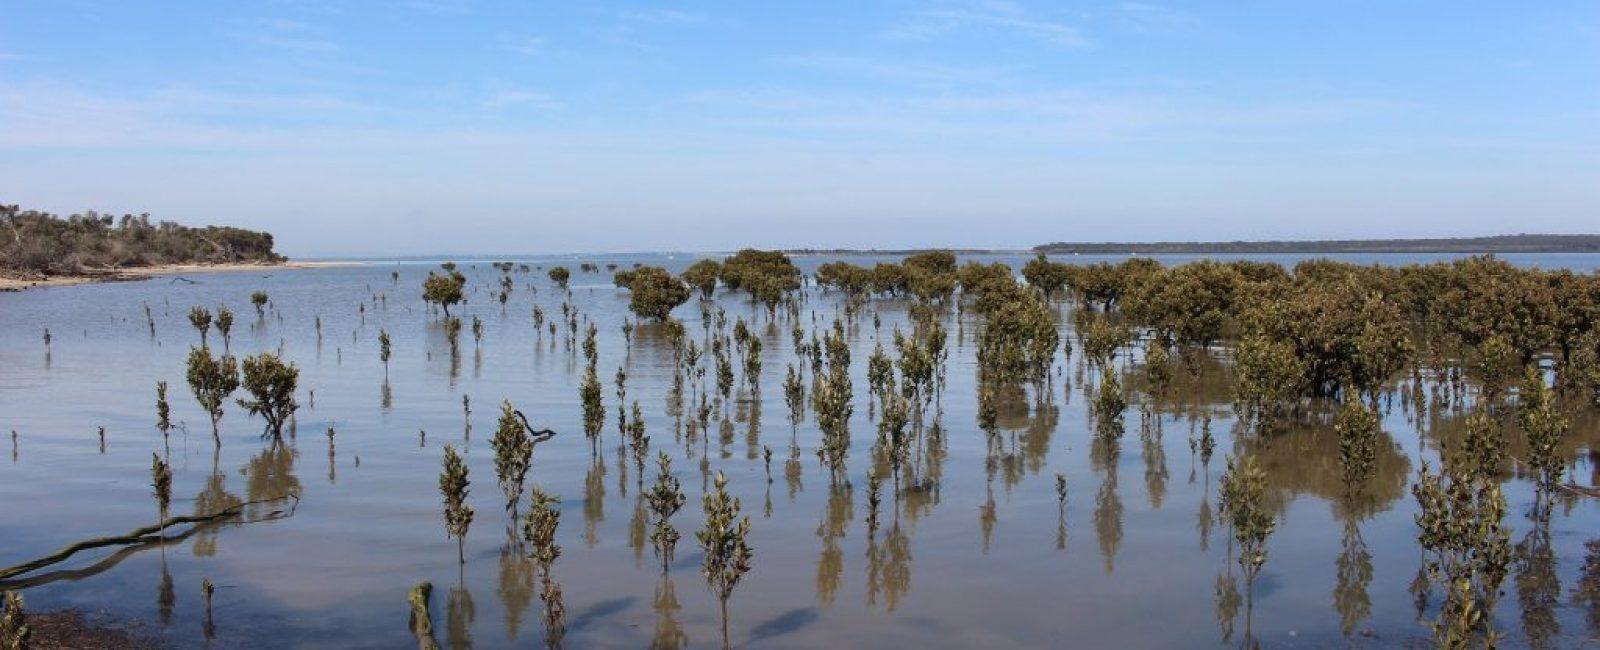 mangroves-2821770_1920